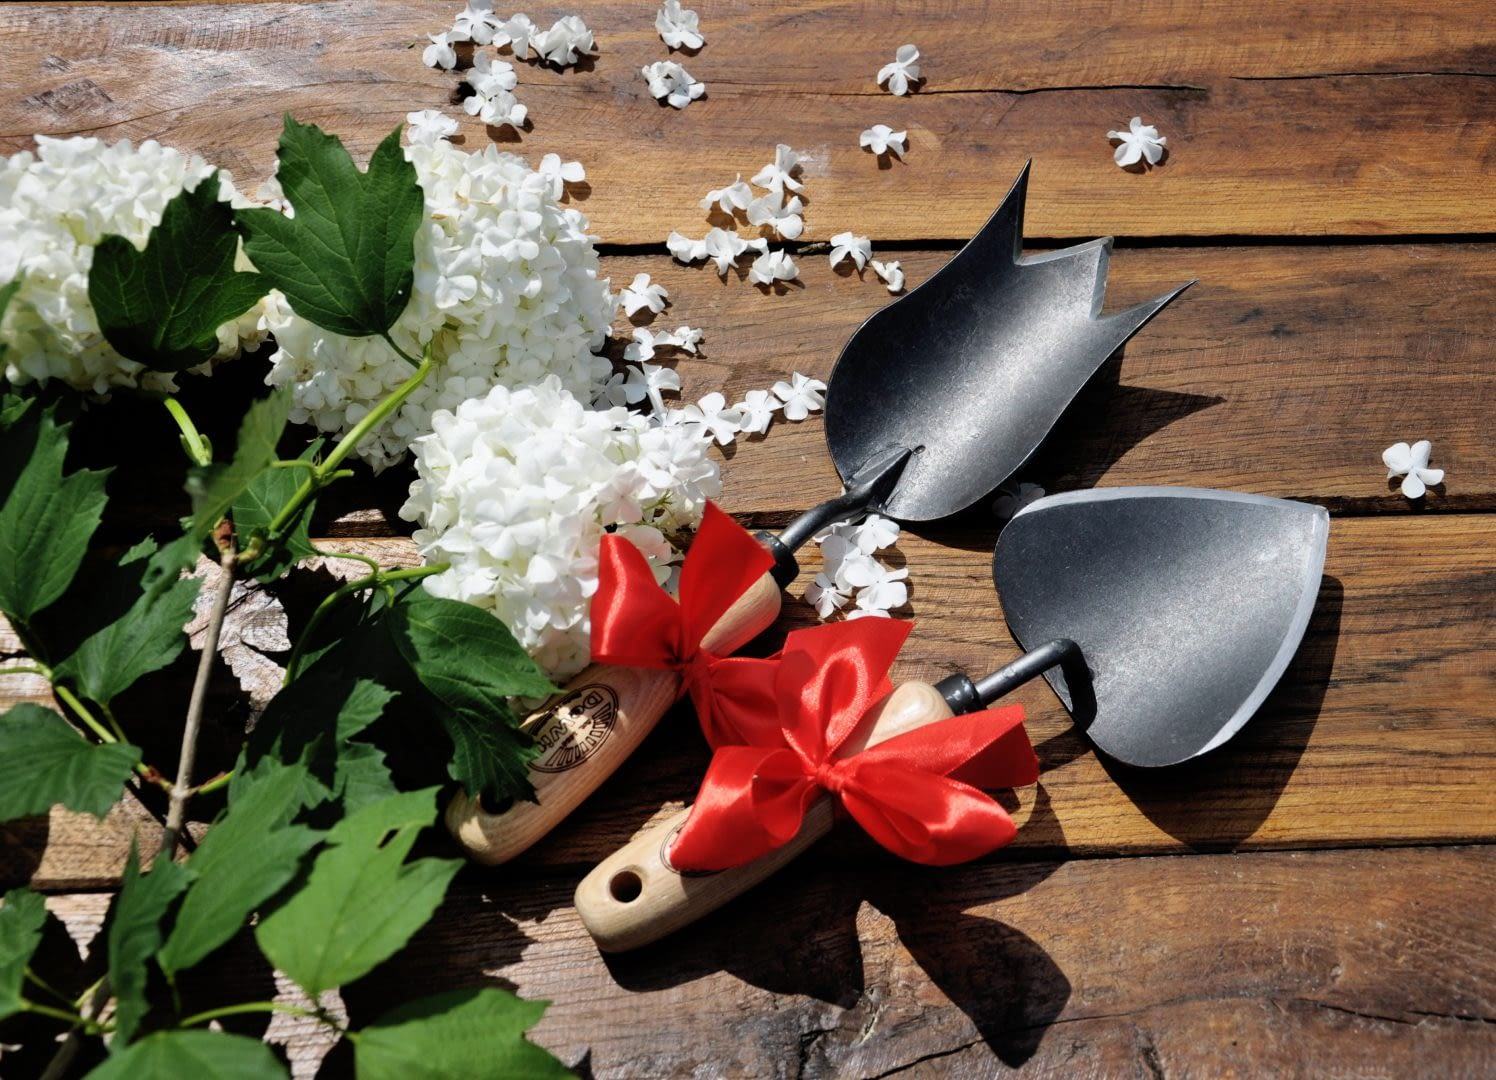 dlutapl-narzedzia-ogrodnicze